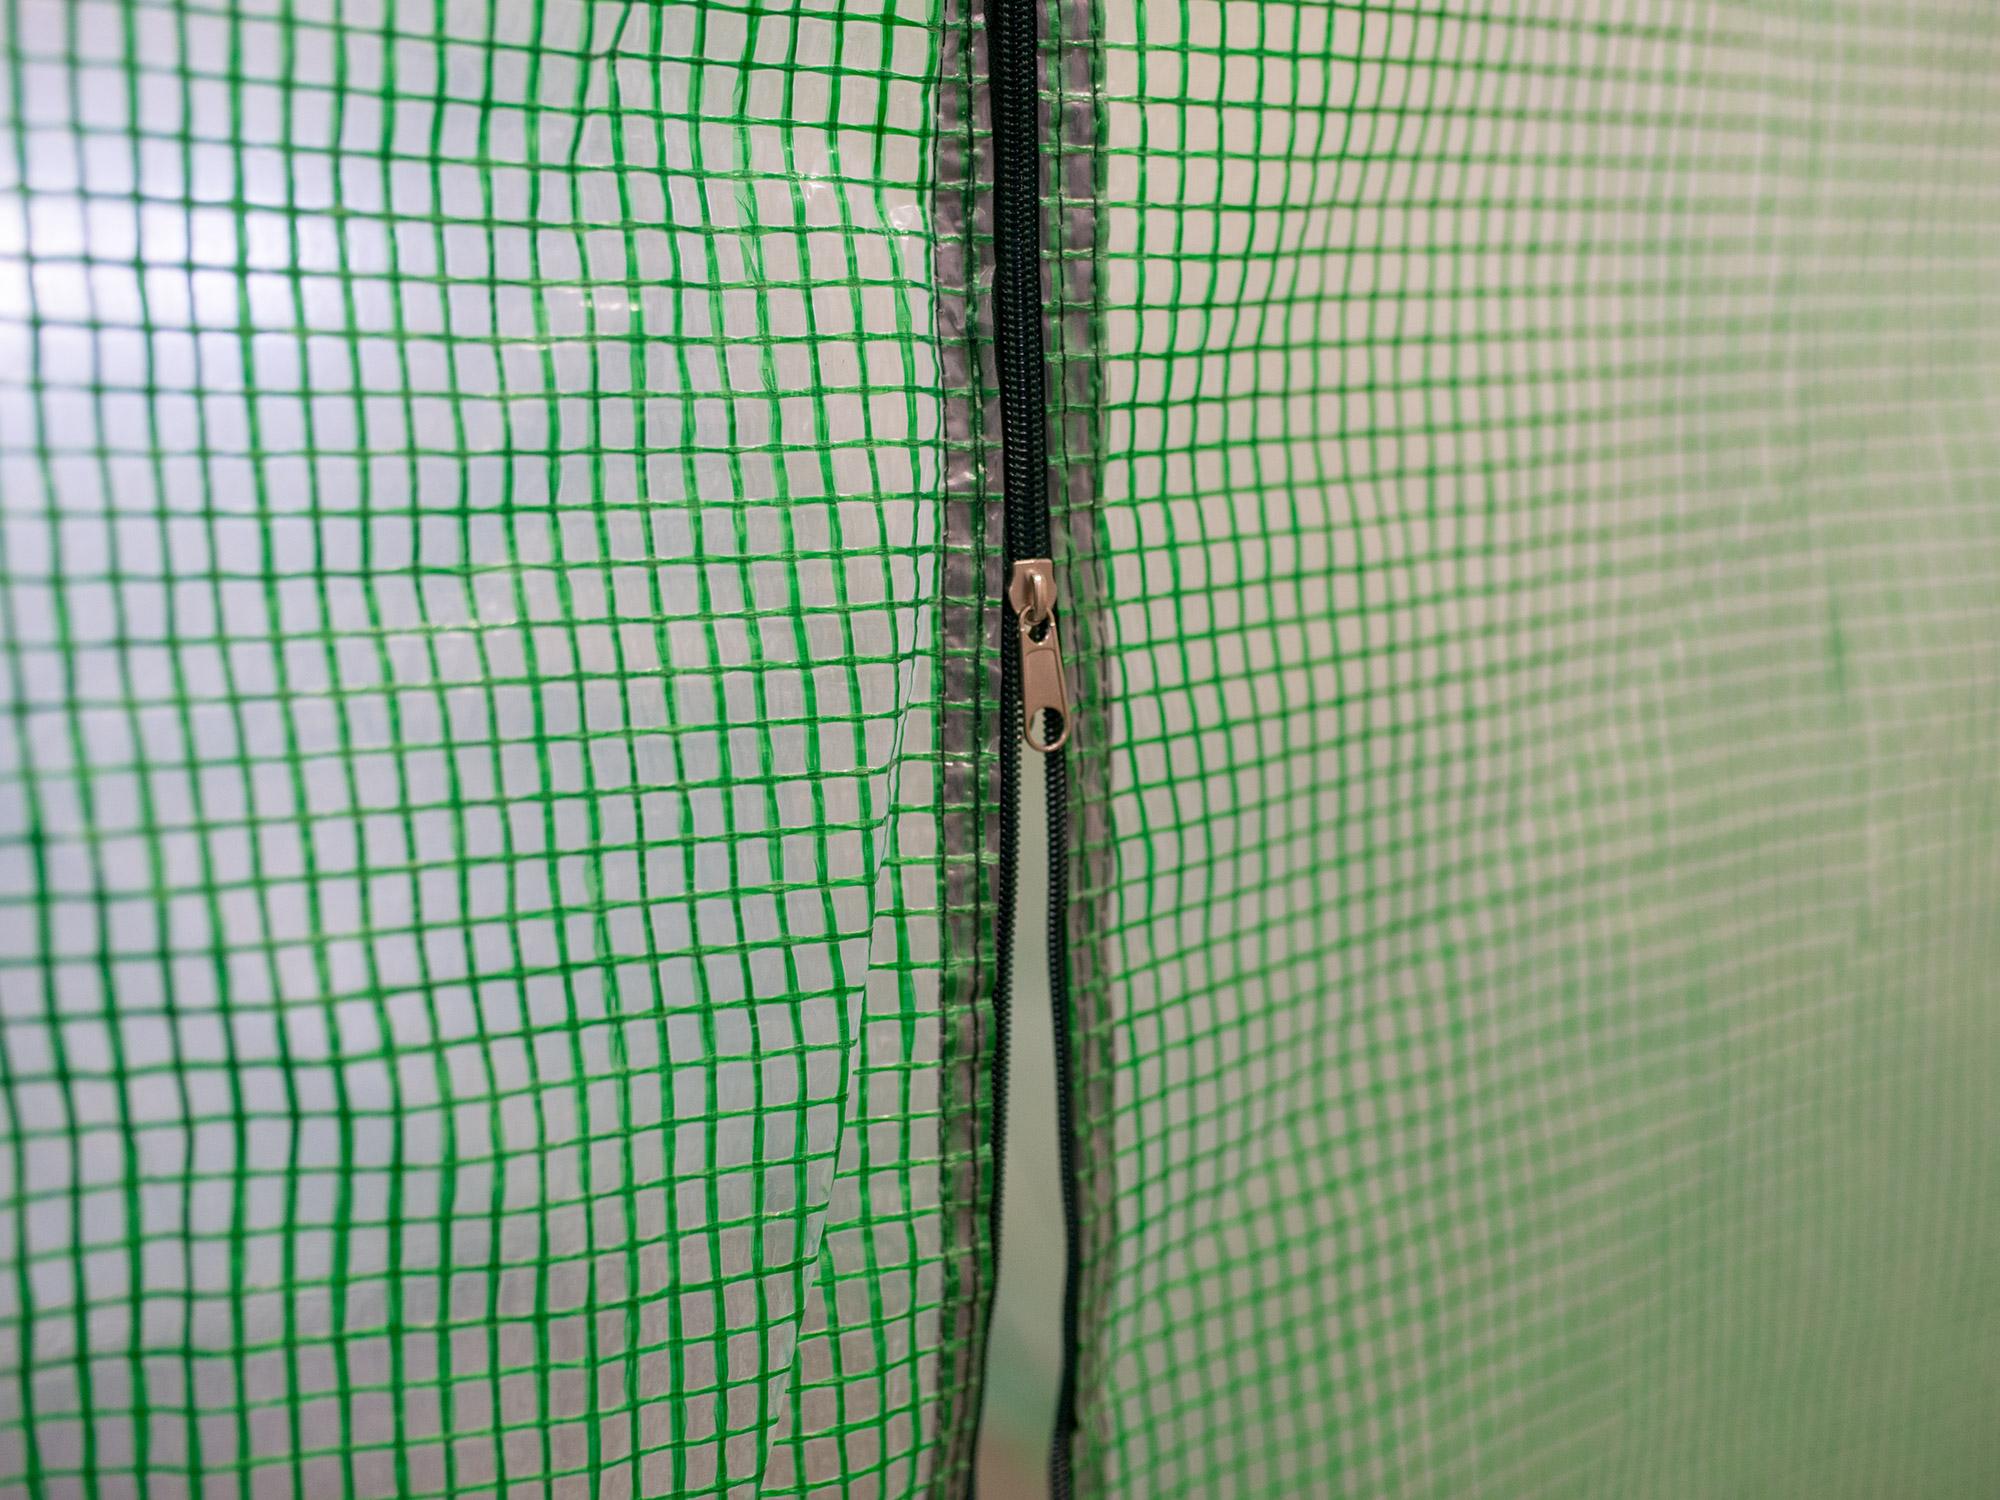 FOLIA NA TUNEL OGRODOWY 2,5x4m ZAMIENNA UV-4 10m2 Kod produktu 4916-F